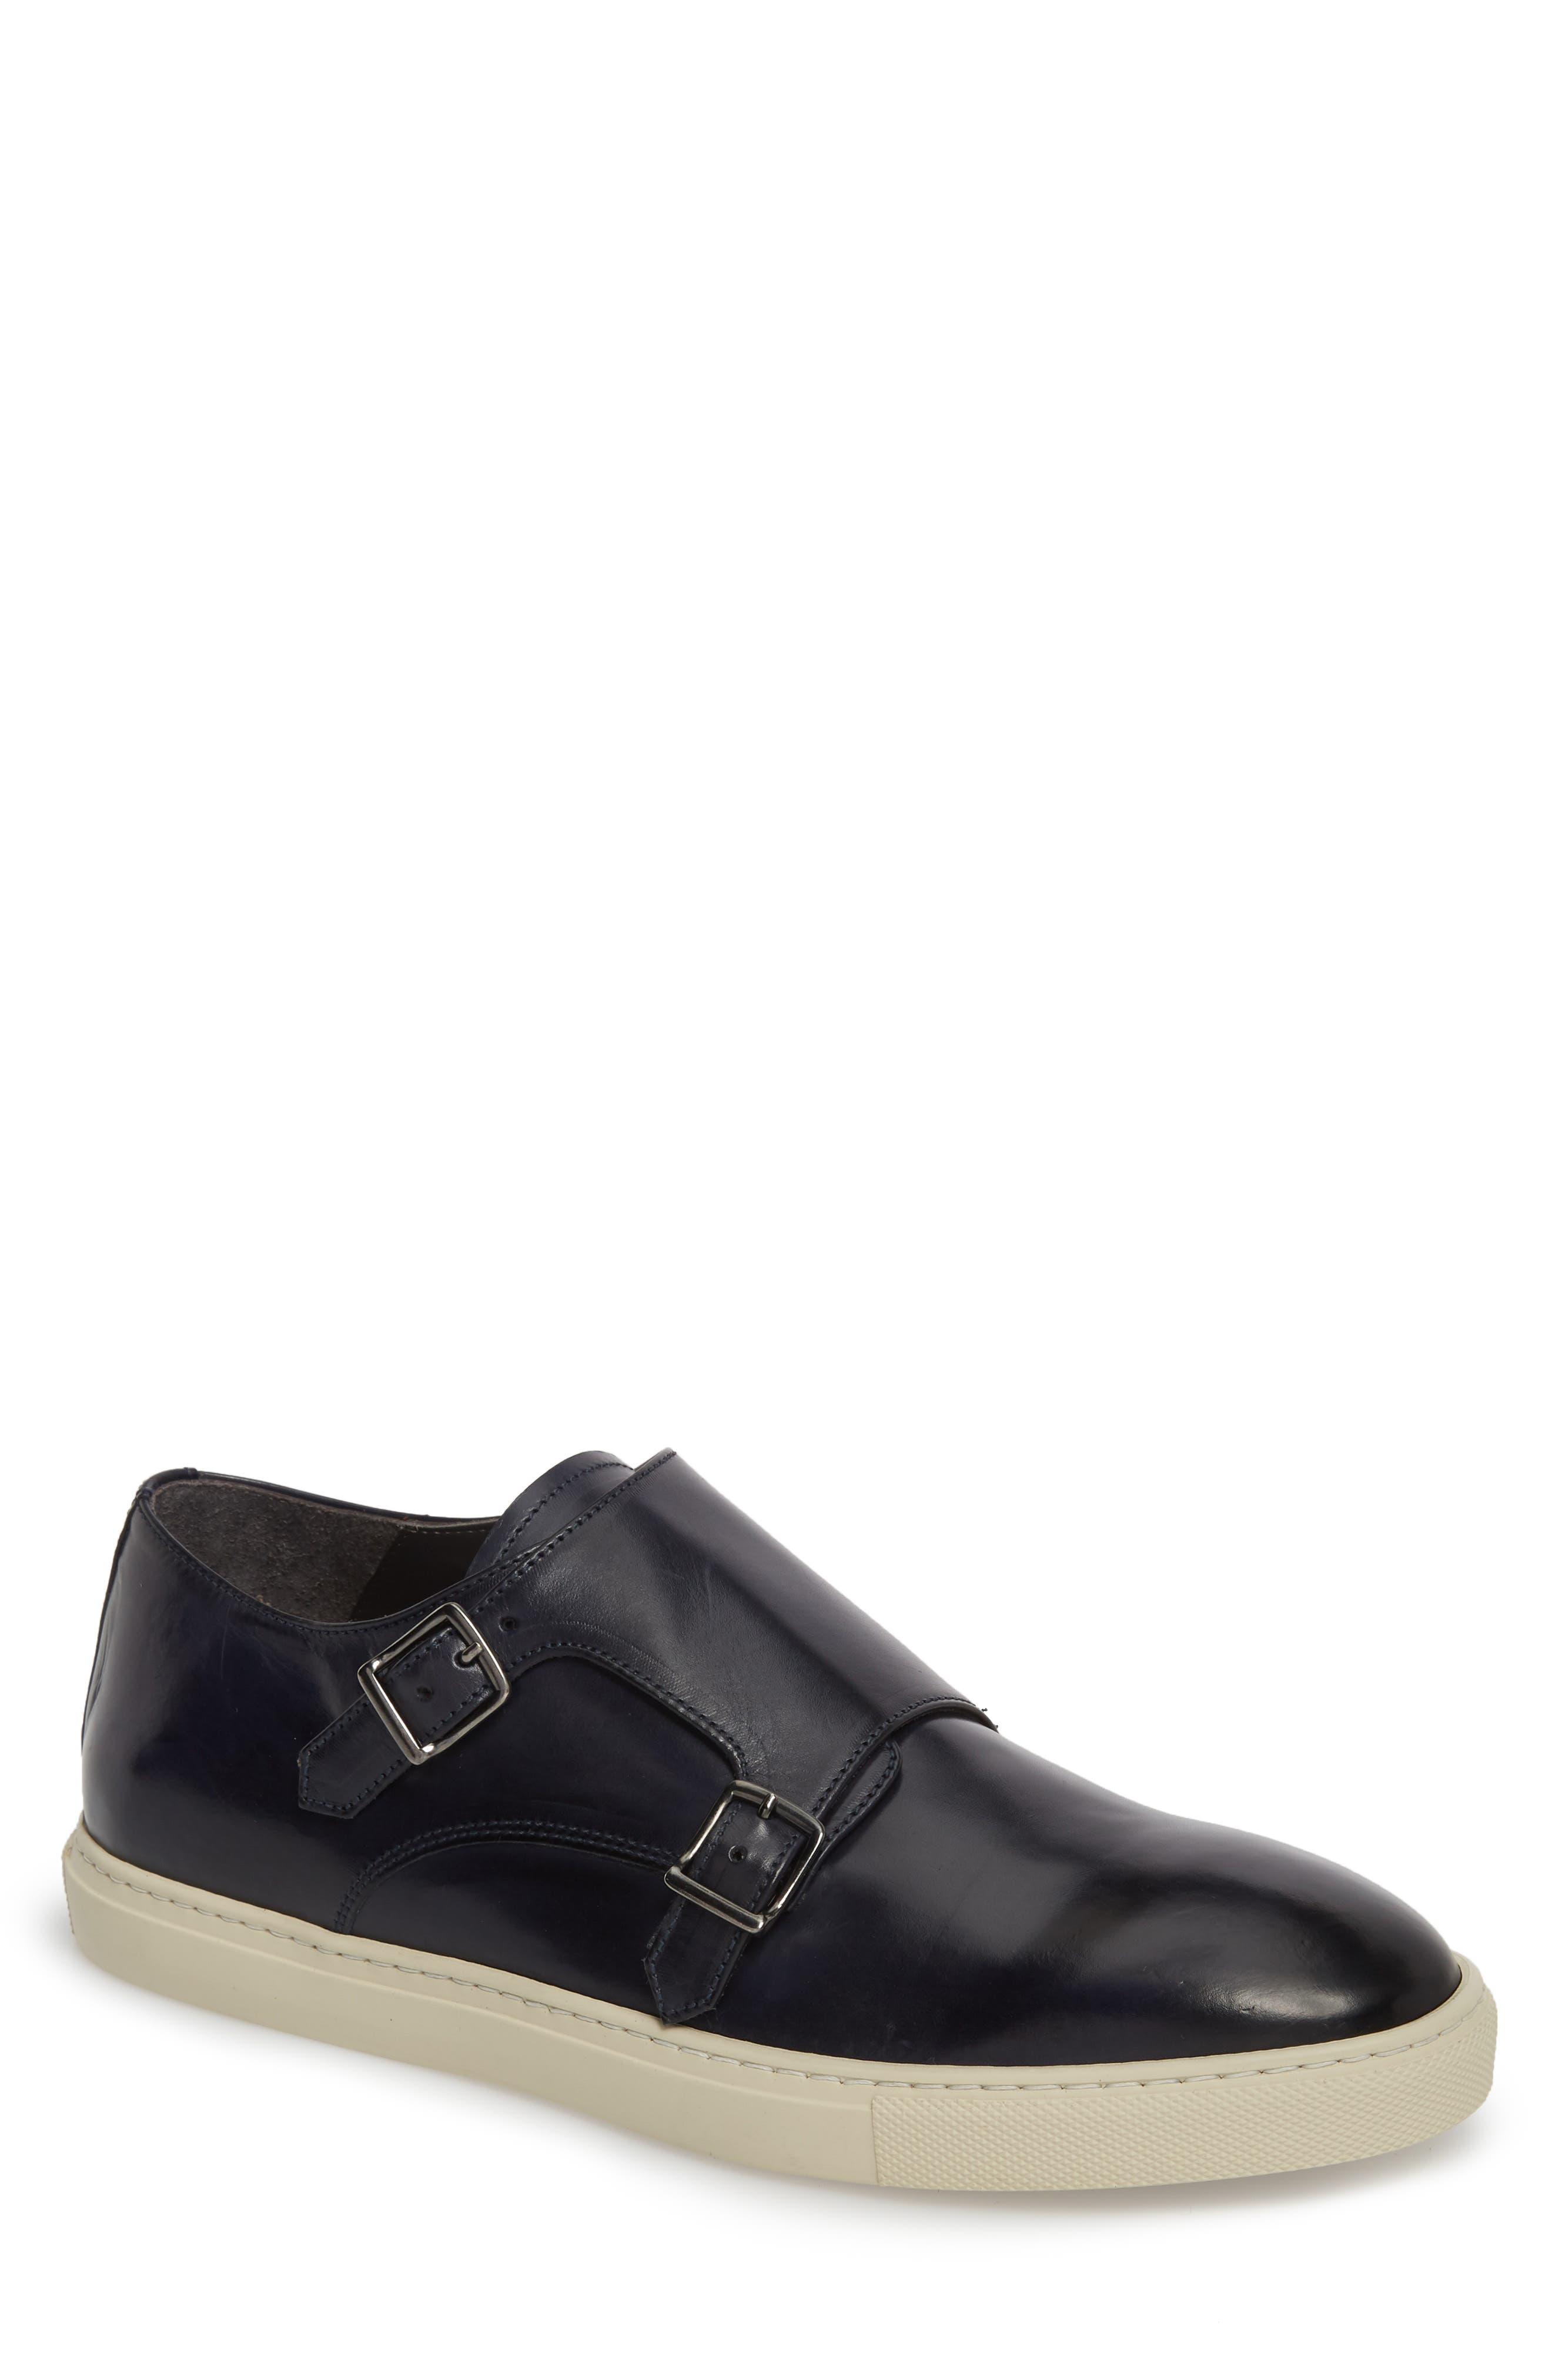 Alternate Image 1 Selected - To Boot New York Gildden Double Monk Strap Sneaker (Men)